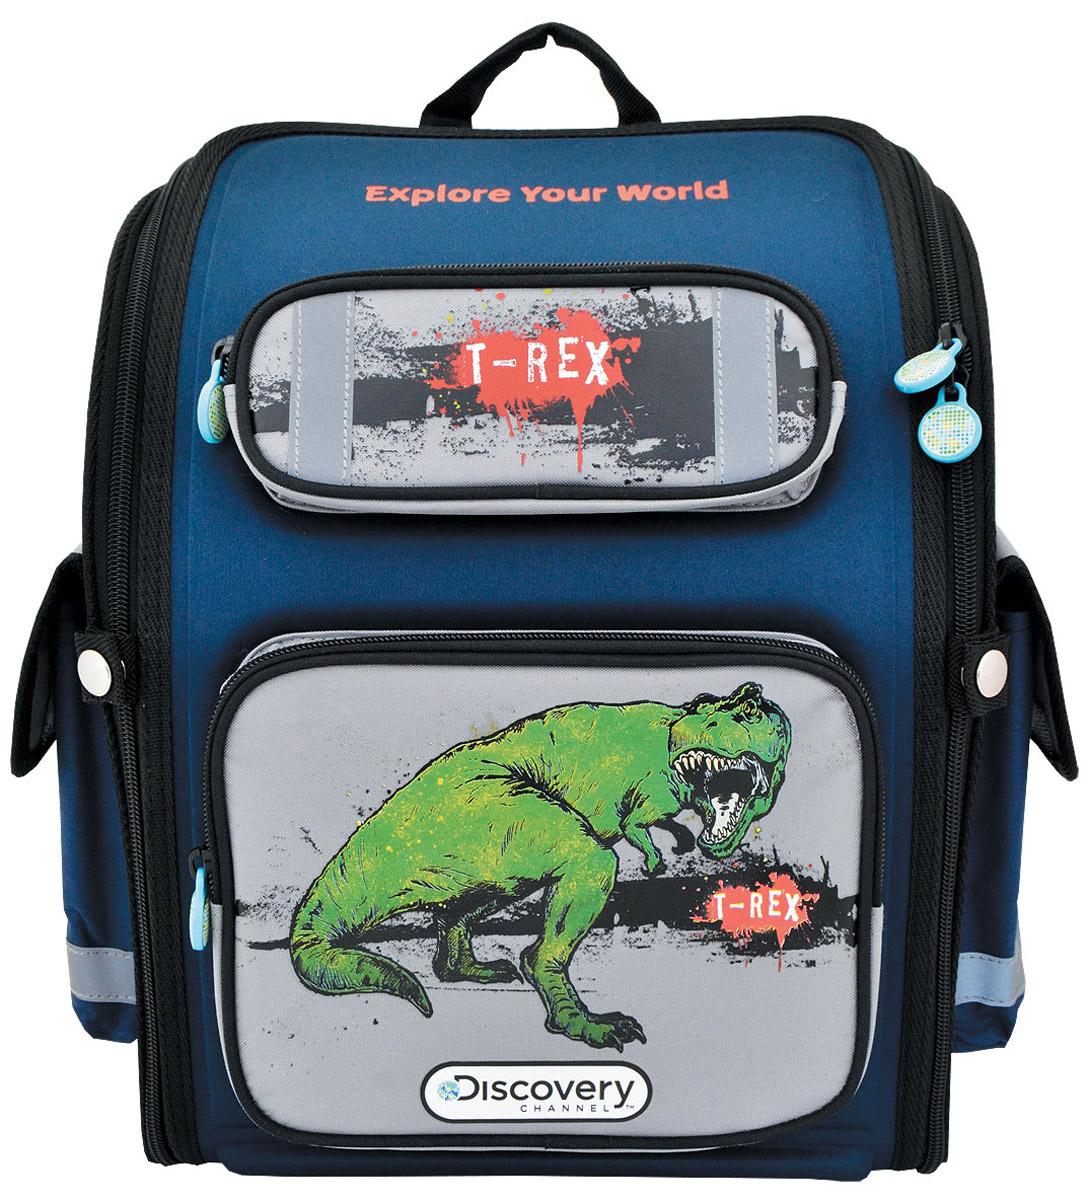 Action! Ранец школьный Discovery T-Rex цвет синийDV-ASB2000/3Лицензионный дизайн Discovery.Возможность плоской раскладки позволяет удобно и экономично транспортировать данную модель. Вес ранца около 700 граммов.Рельефная спинка создает дополнительный массажный эффект для спины, что позволяет чувствовать себя более удобно и комфортно. Задние эластичные регулируемые ремни позволяют правильно распределить ранец на спине. Имеются светоотражающие полоски безопасности. Ранец имеет одно основное отделение с дополнительными внутренними отделениями. Имеется карман для расписания уроков. Карманы имеют светоотражающие полоски безопасности. На молниях находятся декоративные лицензионные элементы.